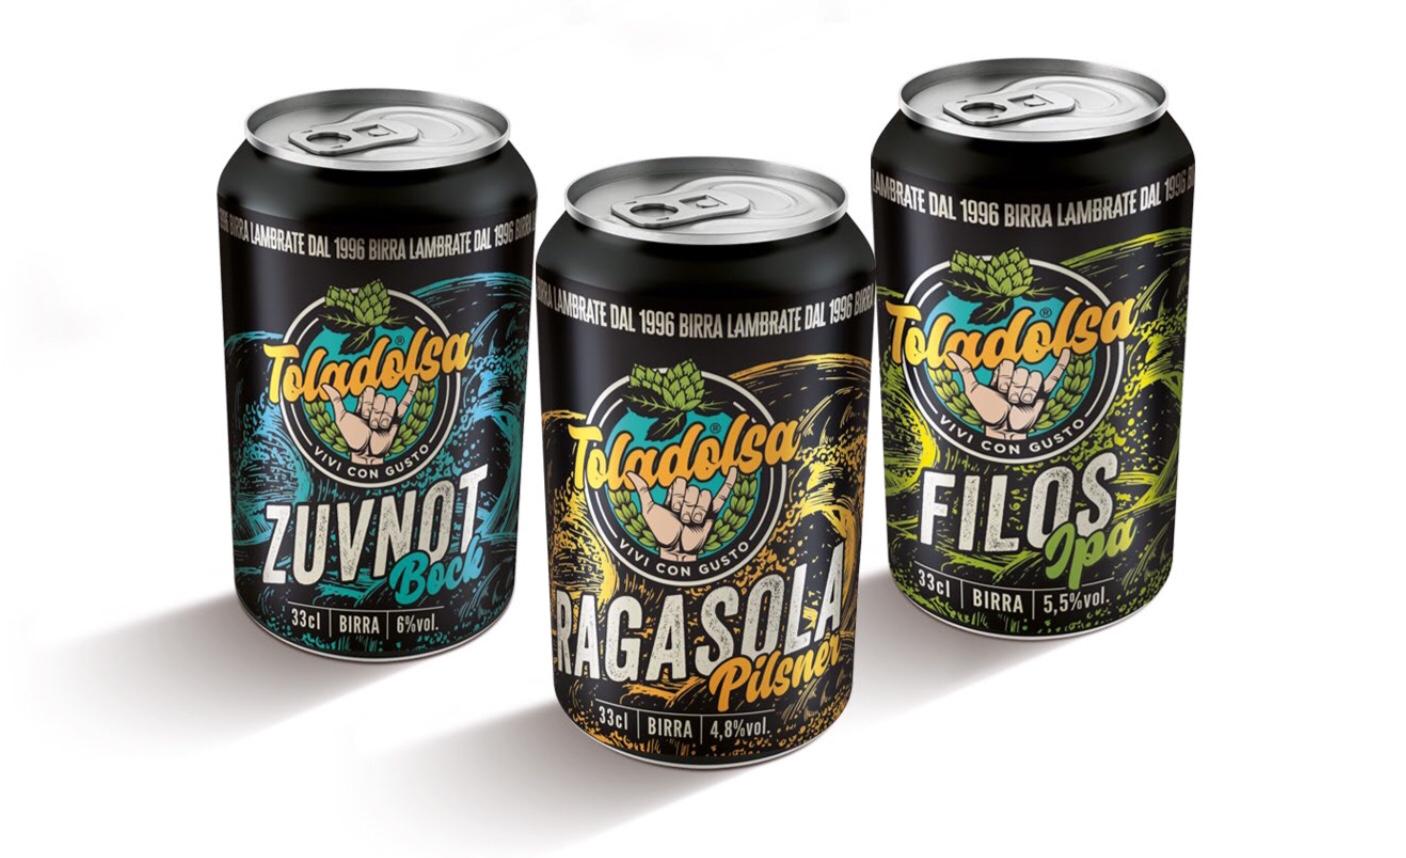 Il salumificio Veroni entra nel mondo della birra artigianale